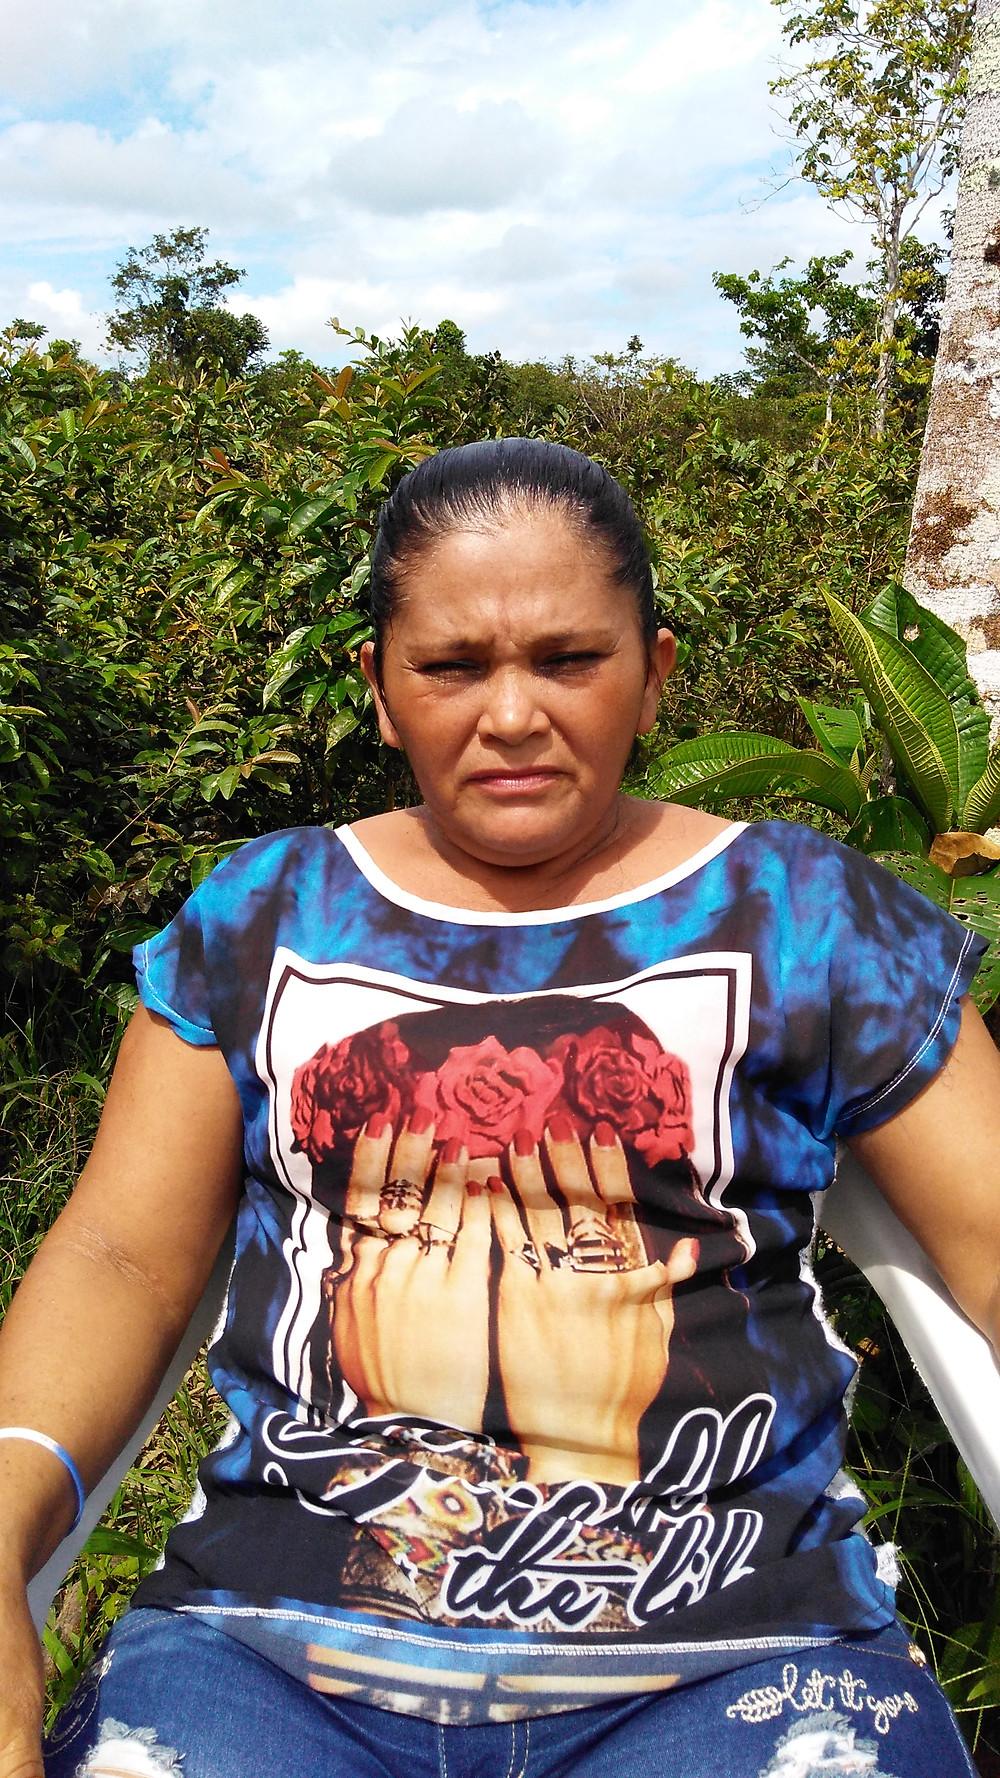 Gloria Piedad Burbano, campesina de Putumayo, reclama por la desaparición de su esposo en 2012 (Foto: Diego M. Vidal)